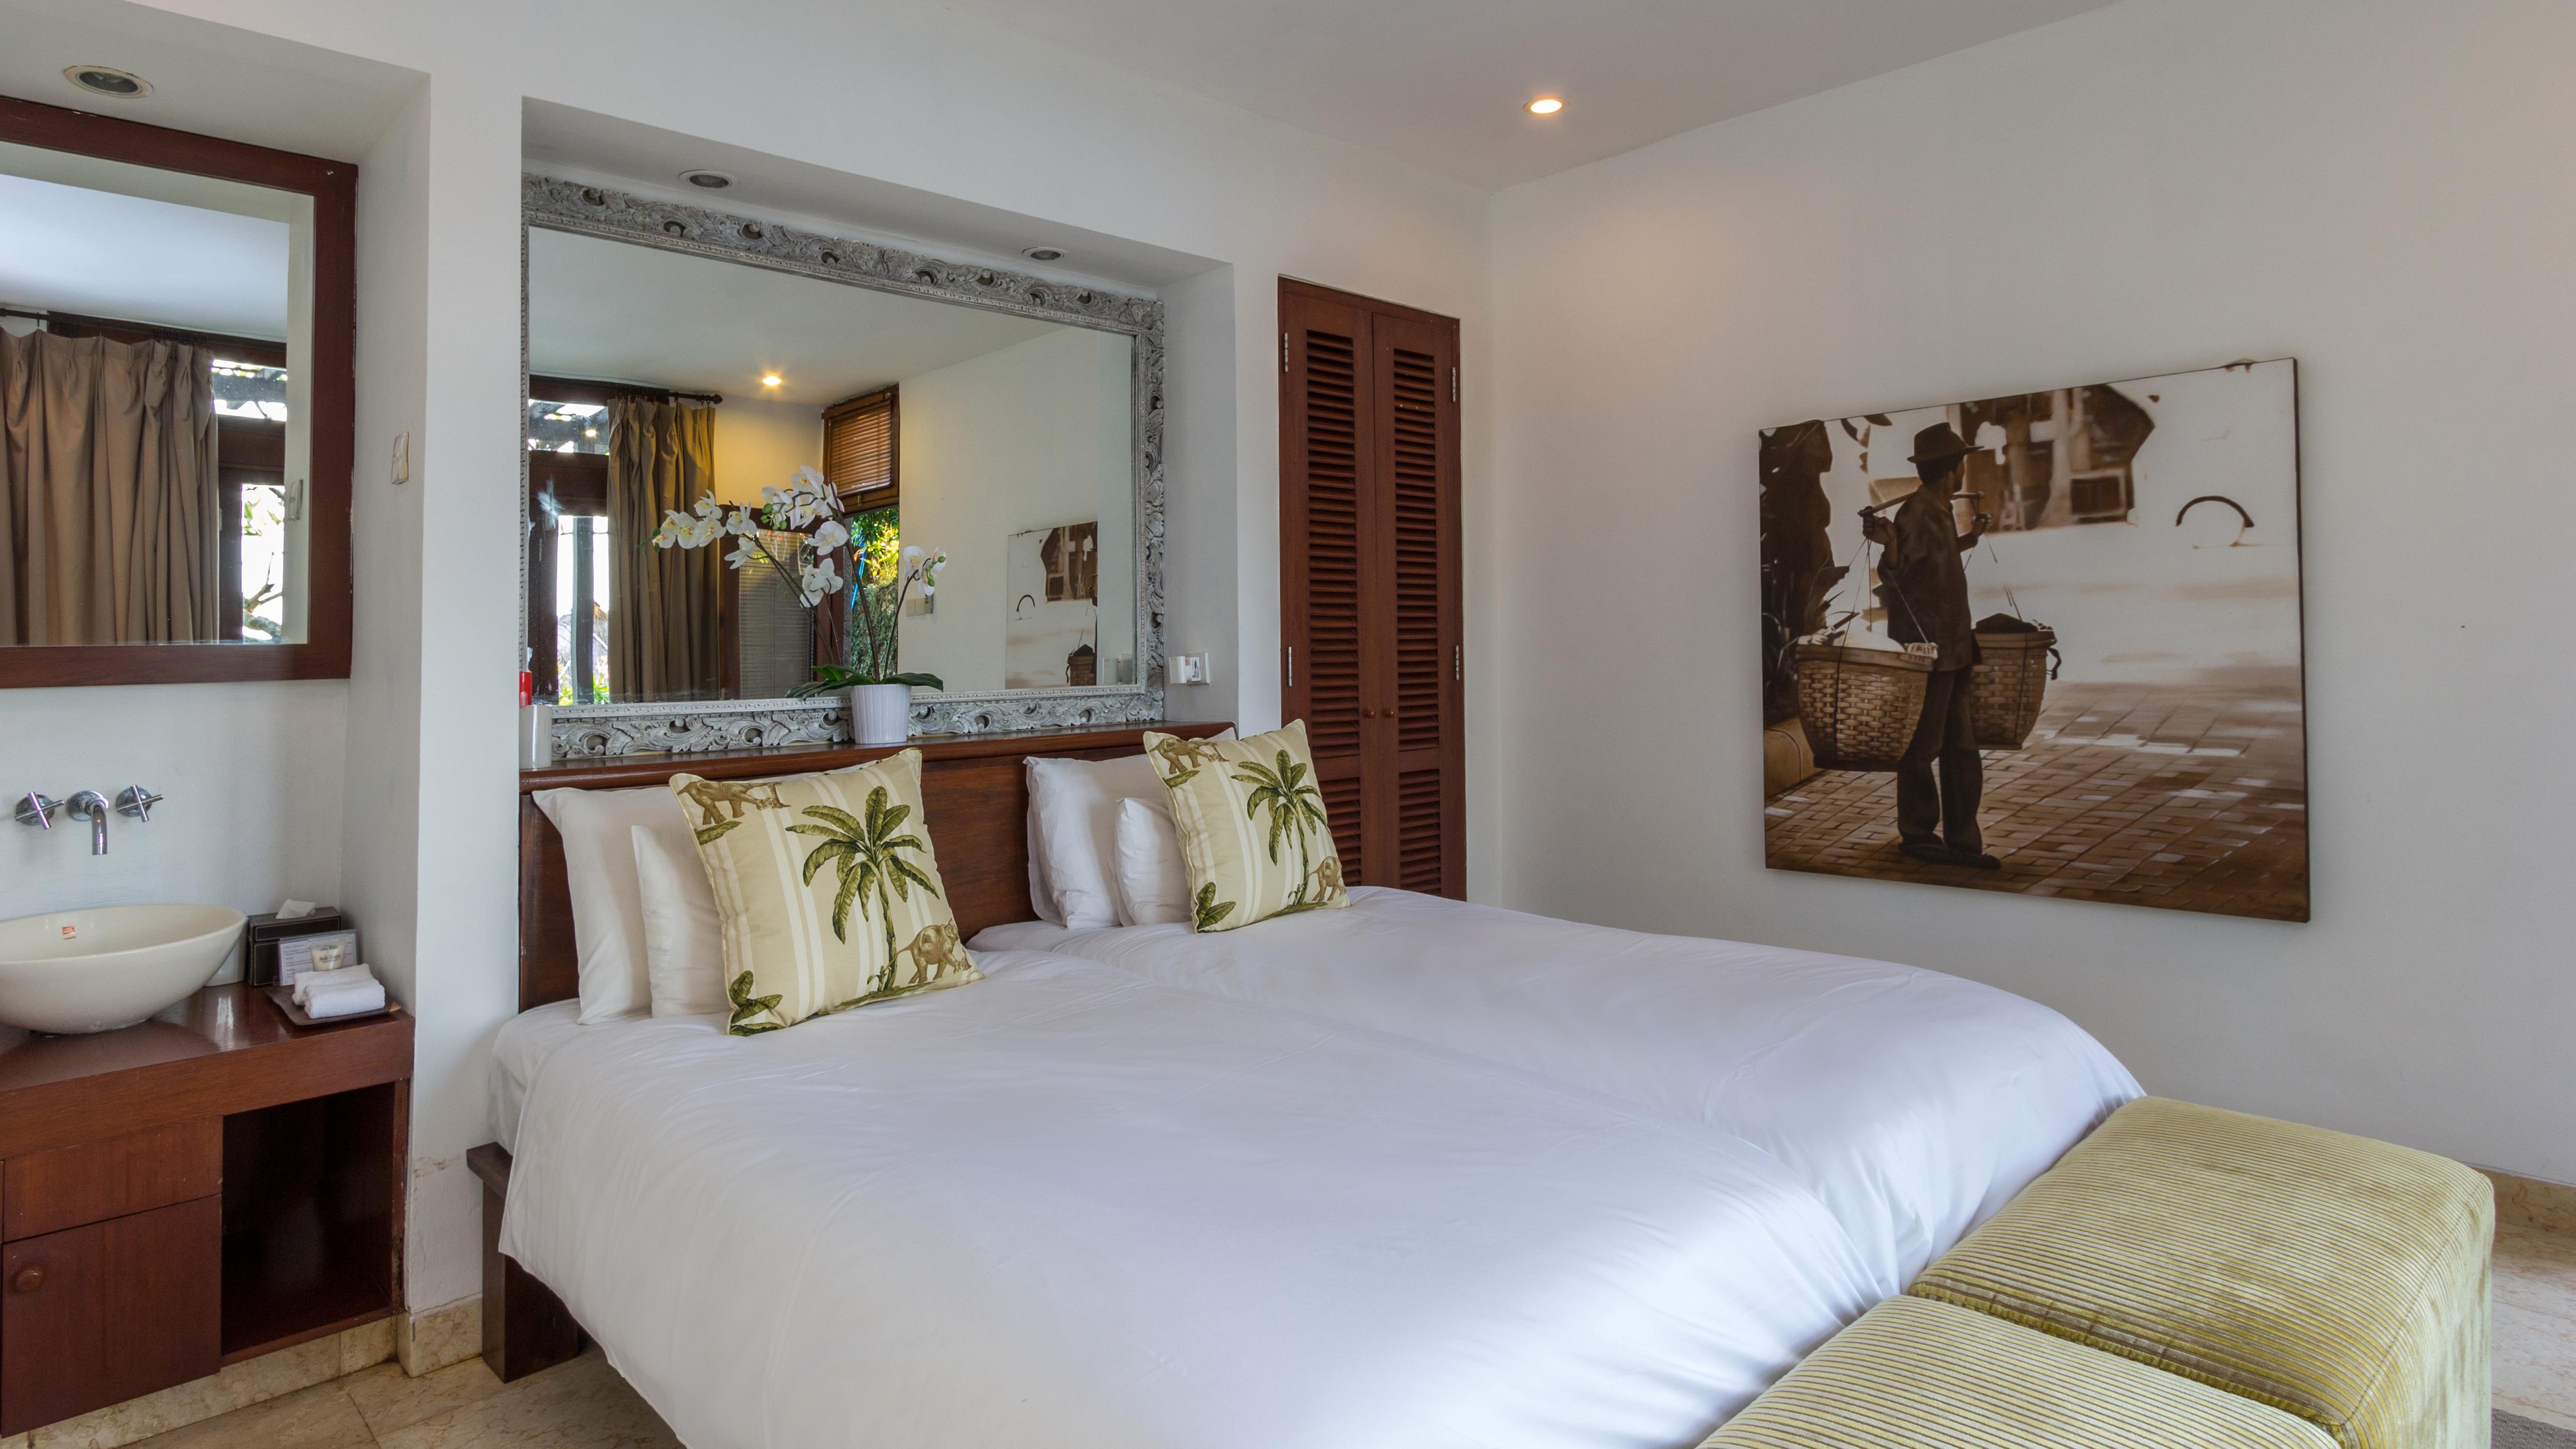 King Size Bed - Villa Bayu - Uluwatu, Bali